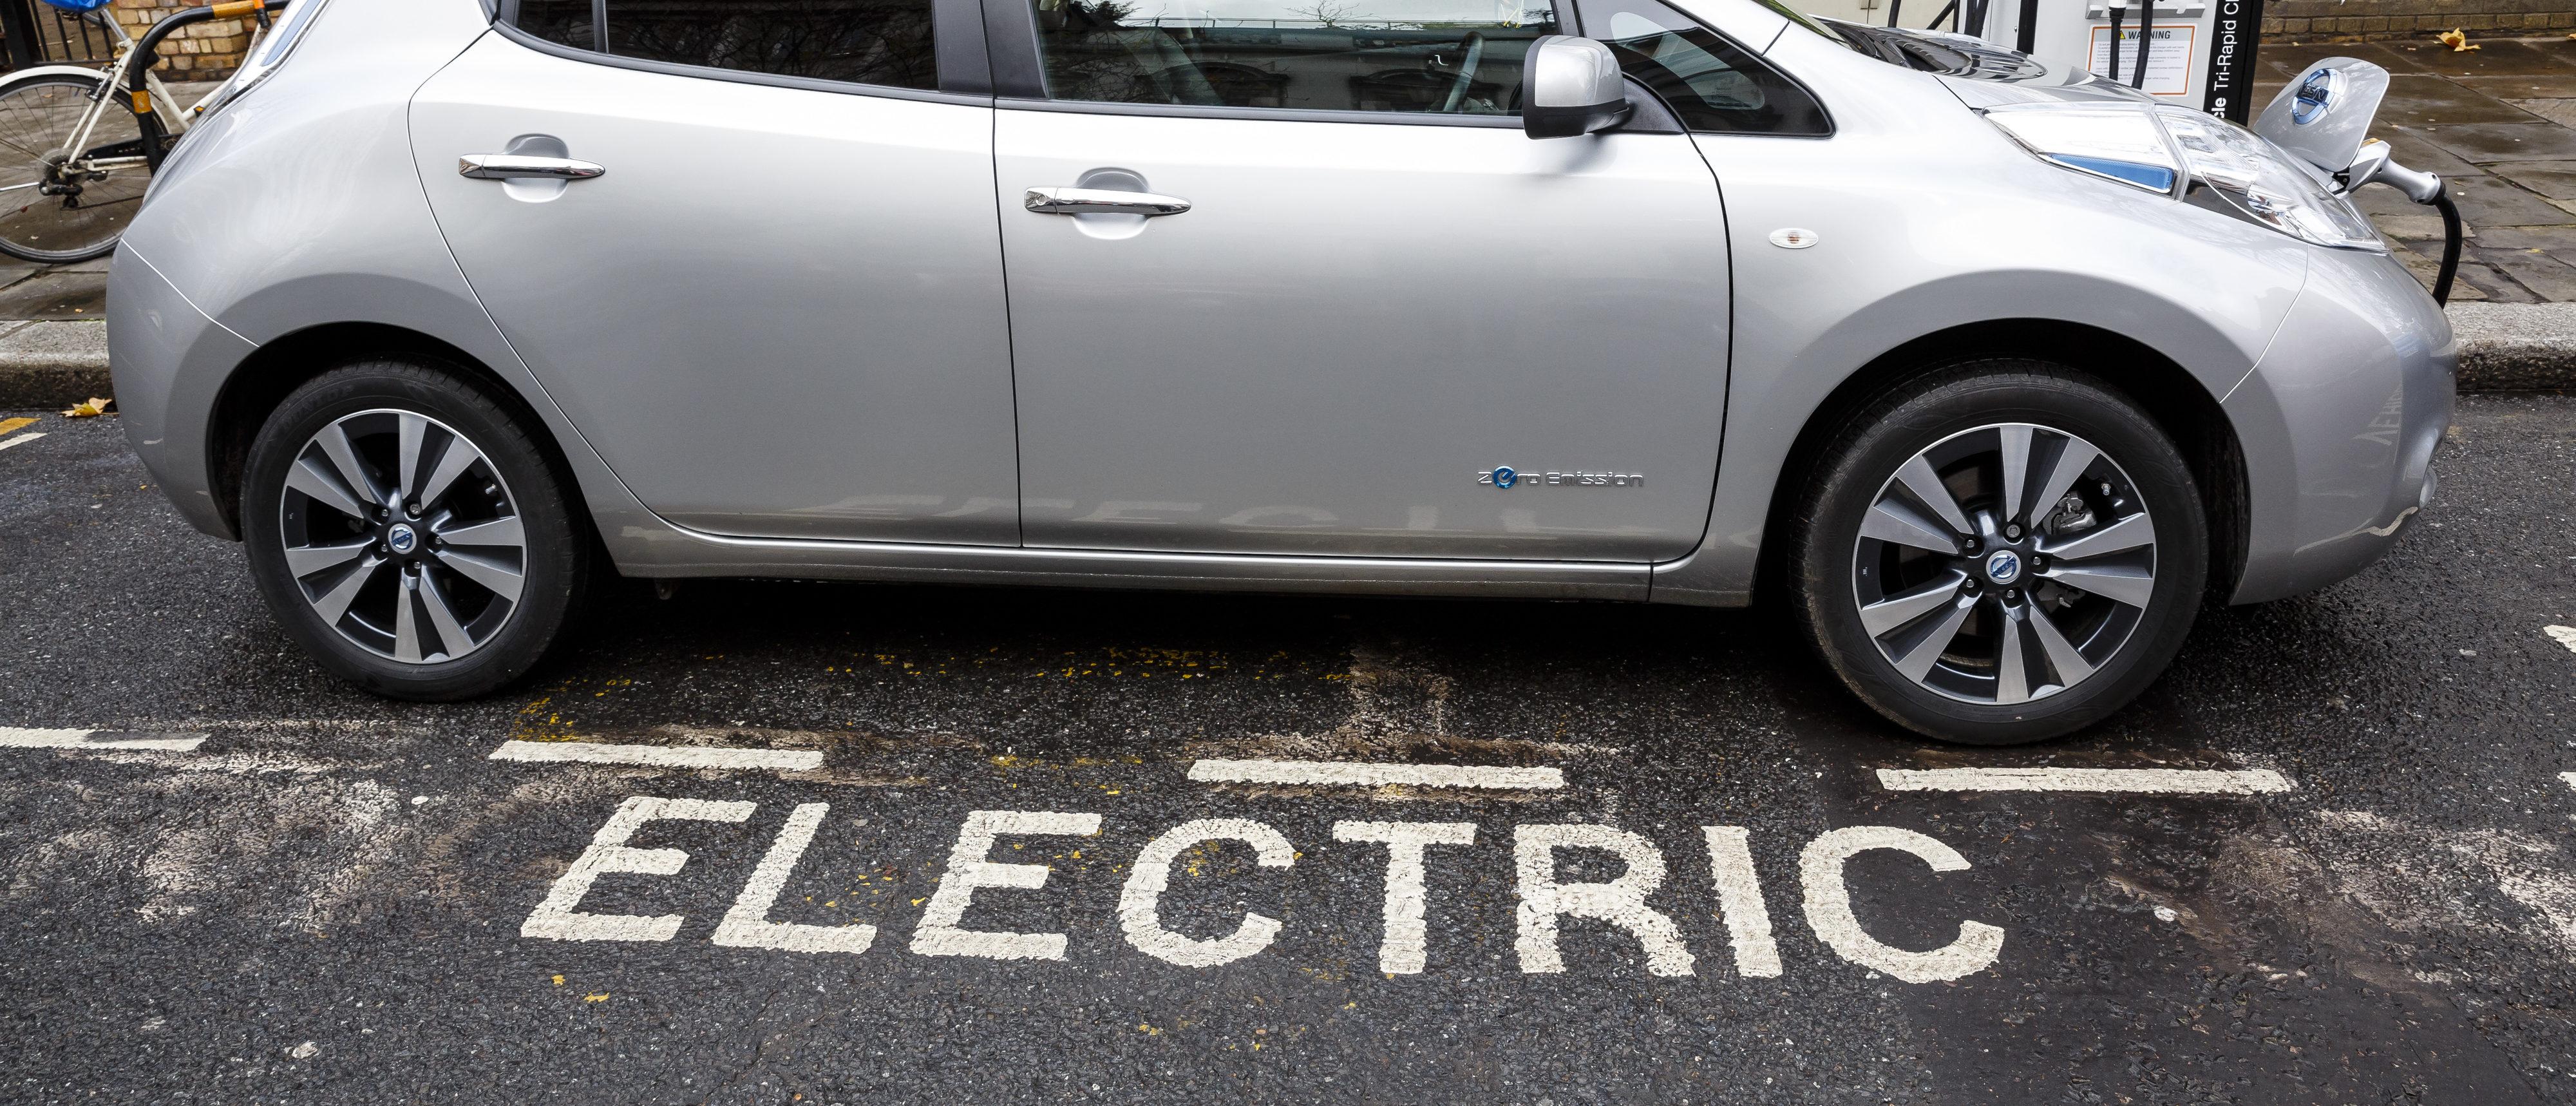 Electric Car Lobbyists